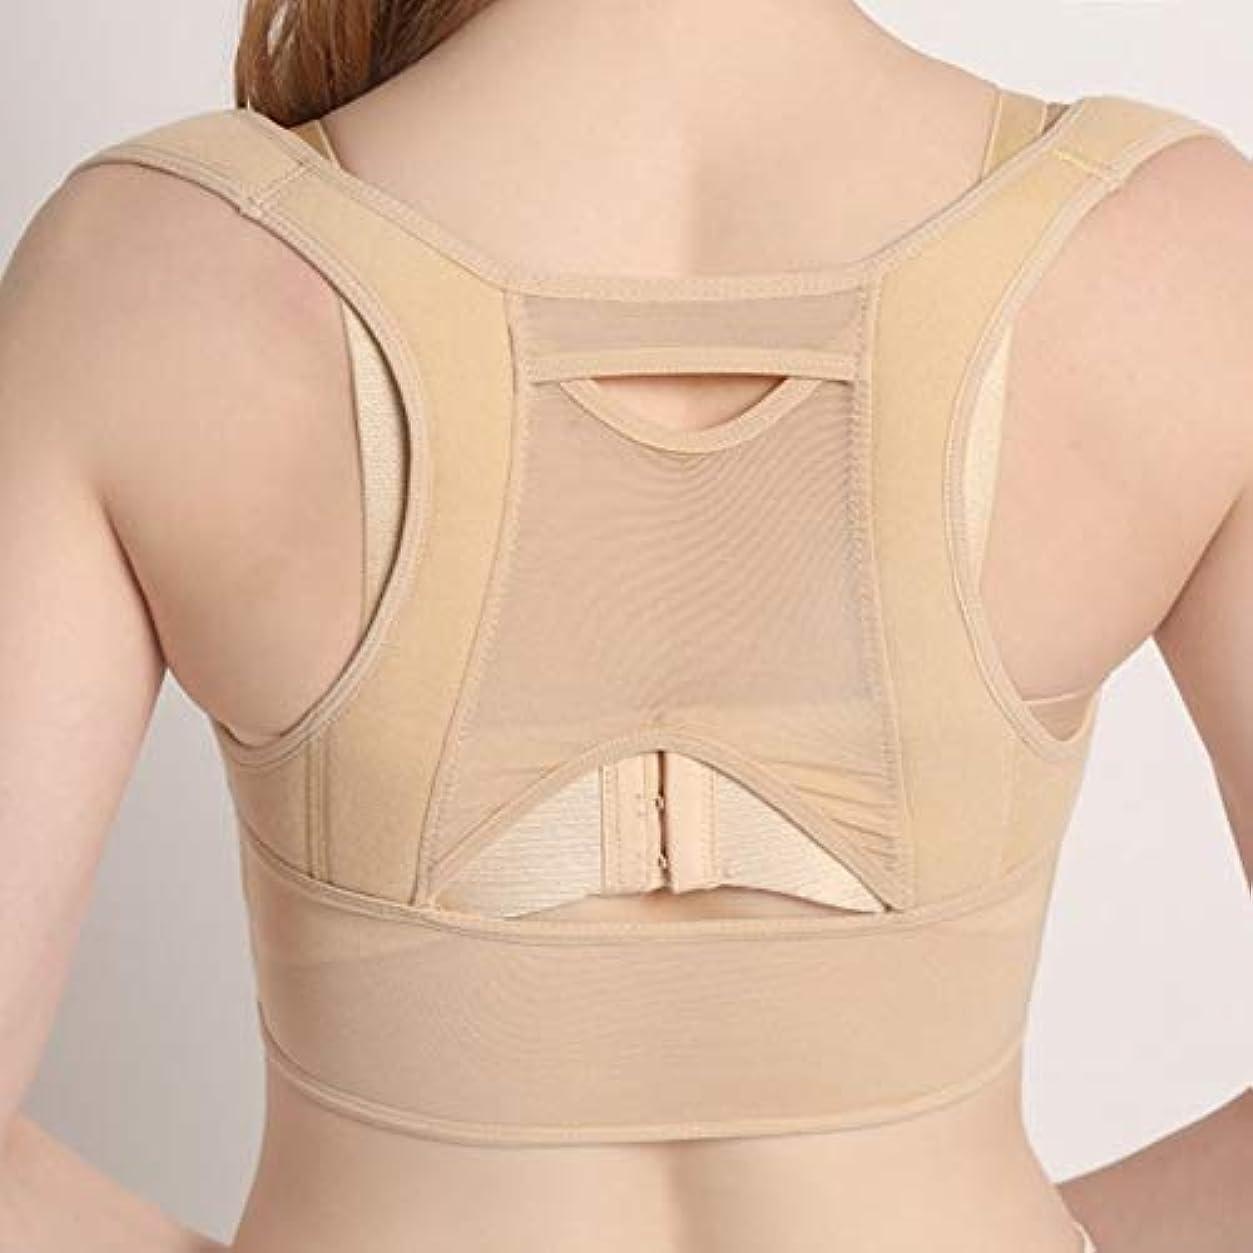 初期の認証虎通気性のある女性の背中の姿勢矯正コルセット整形外科の背中の肩の背骨の姿勢矯正腰椎サポート - ベージュホワイトL